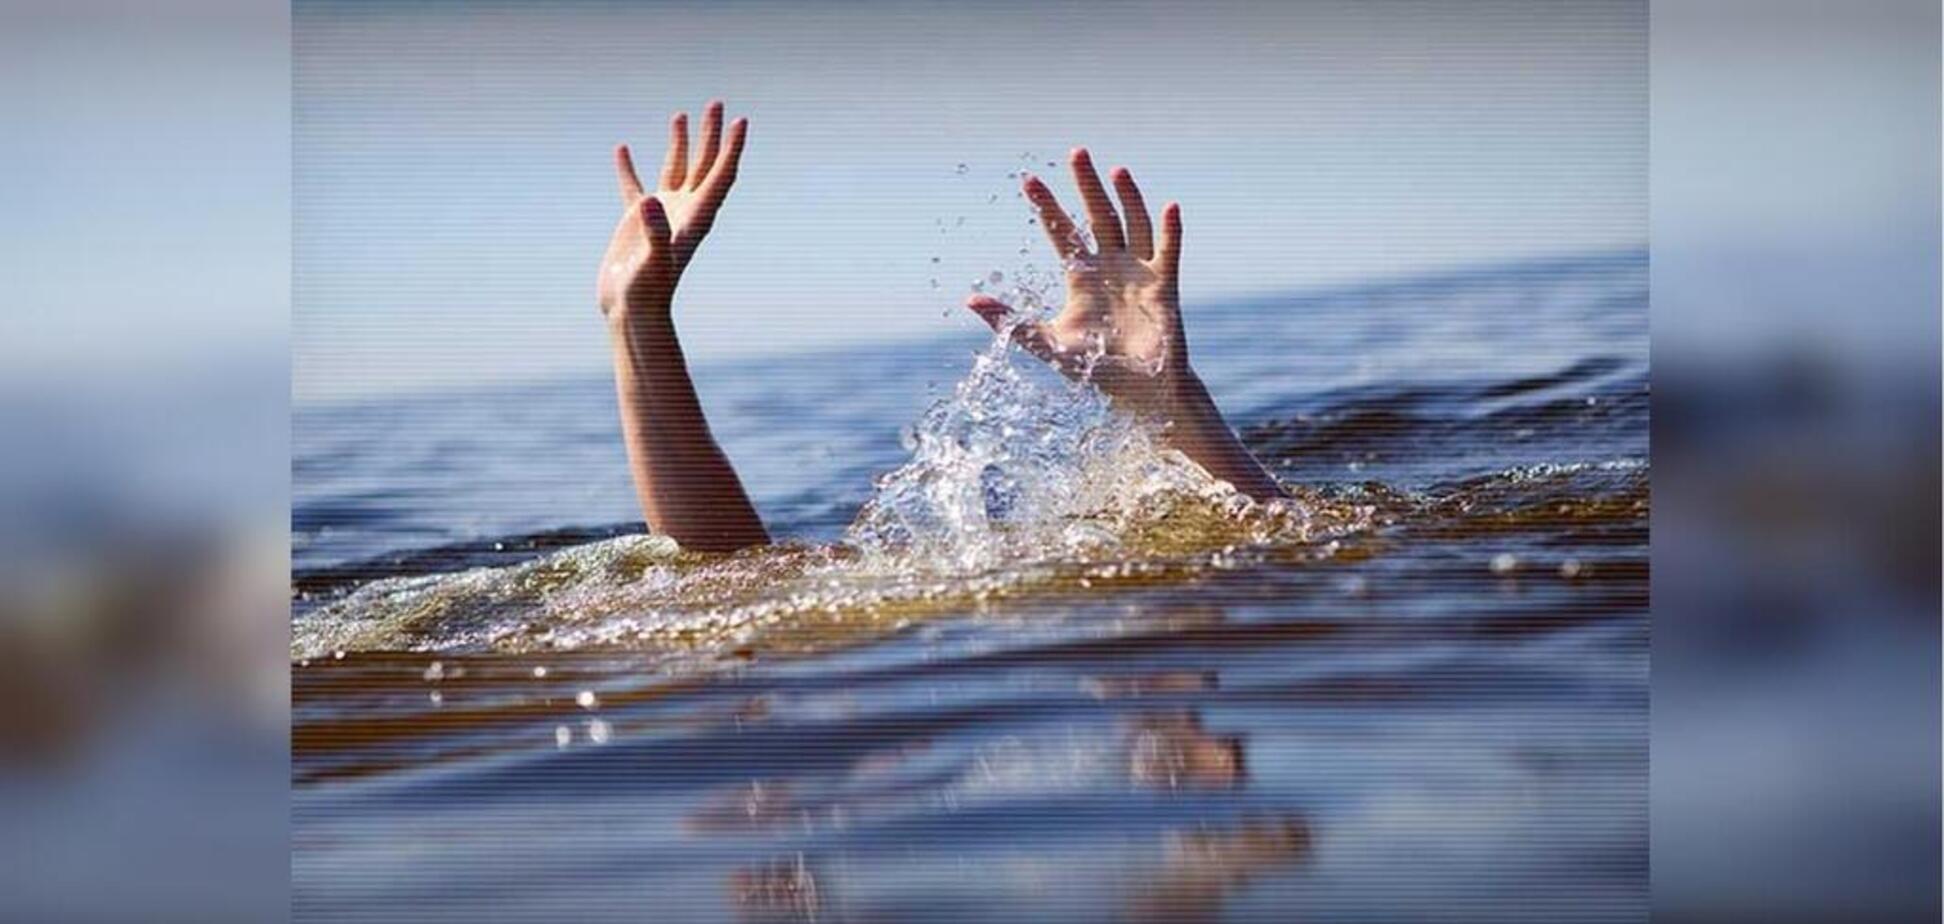 Витягли з води: в Дніпрі сталася НП з жінкою. Відео